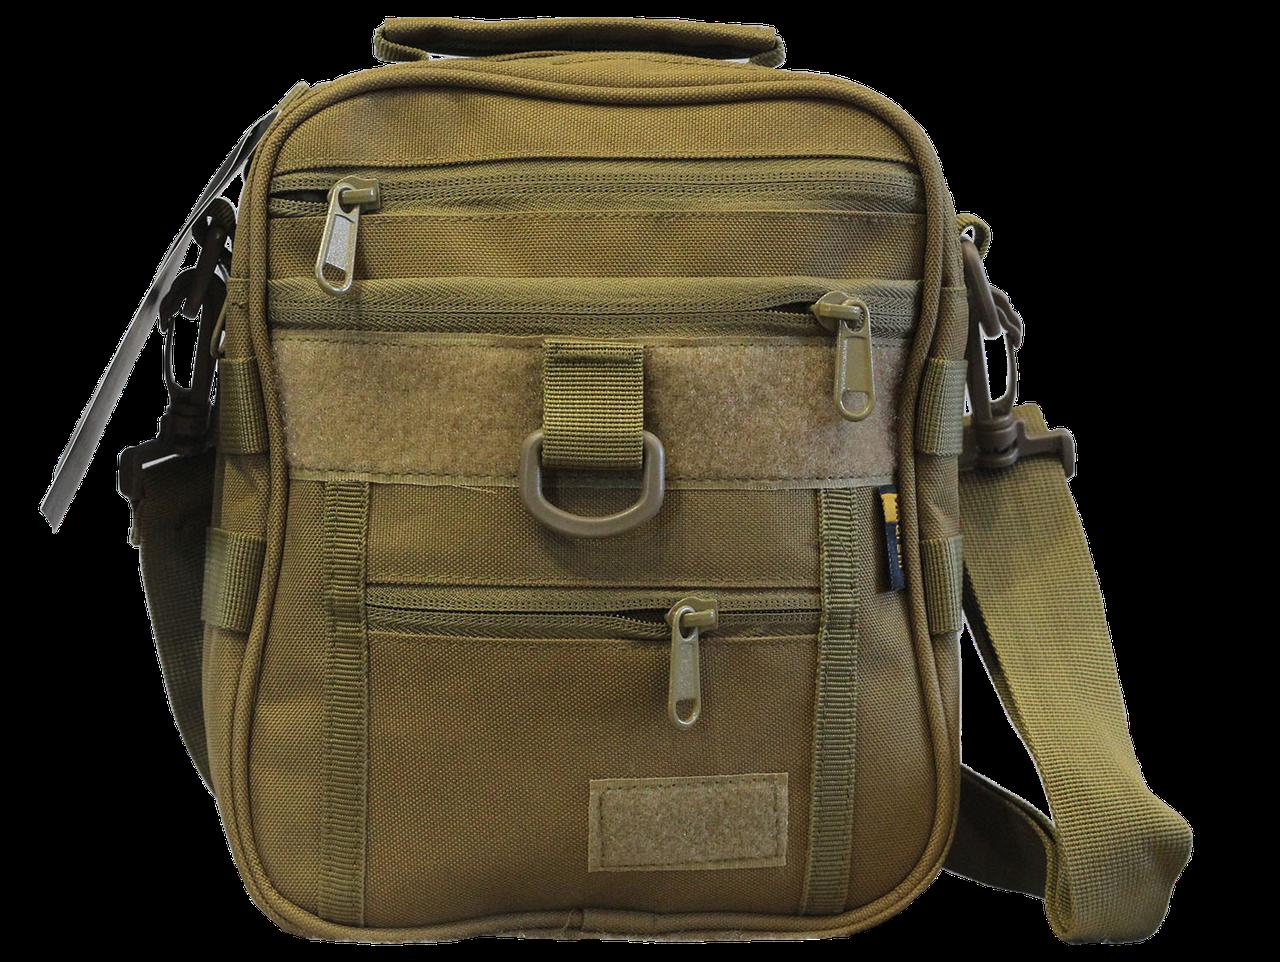 Тактическая универсальная сумка на плечо Silver Knight с системой M.O.L.L.E (102 песок)